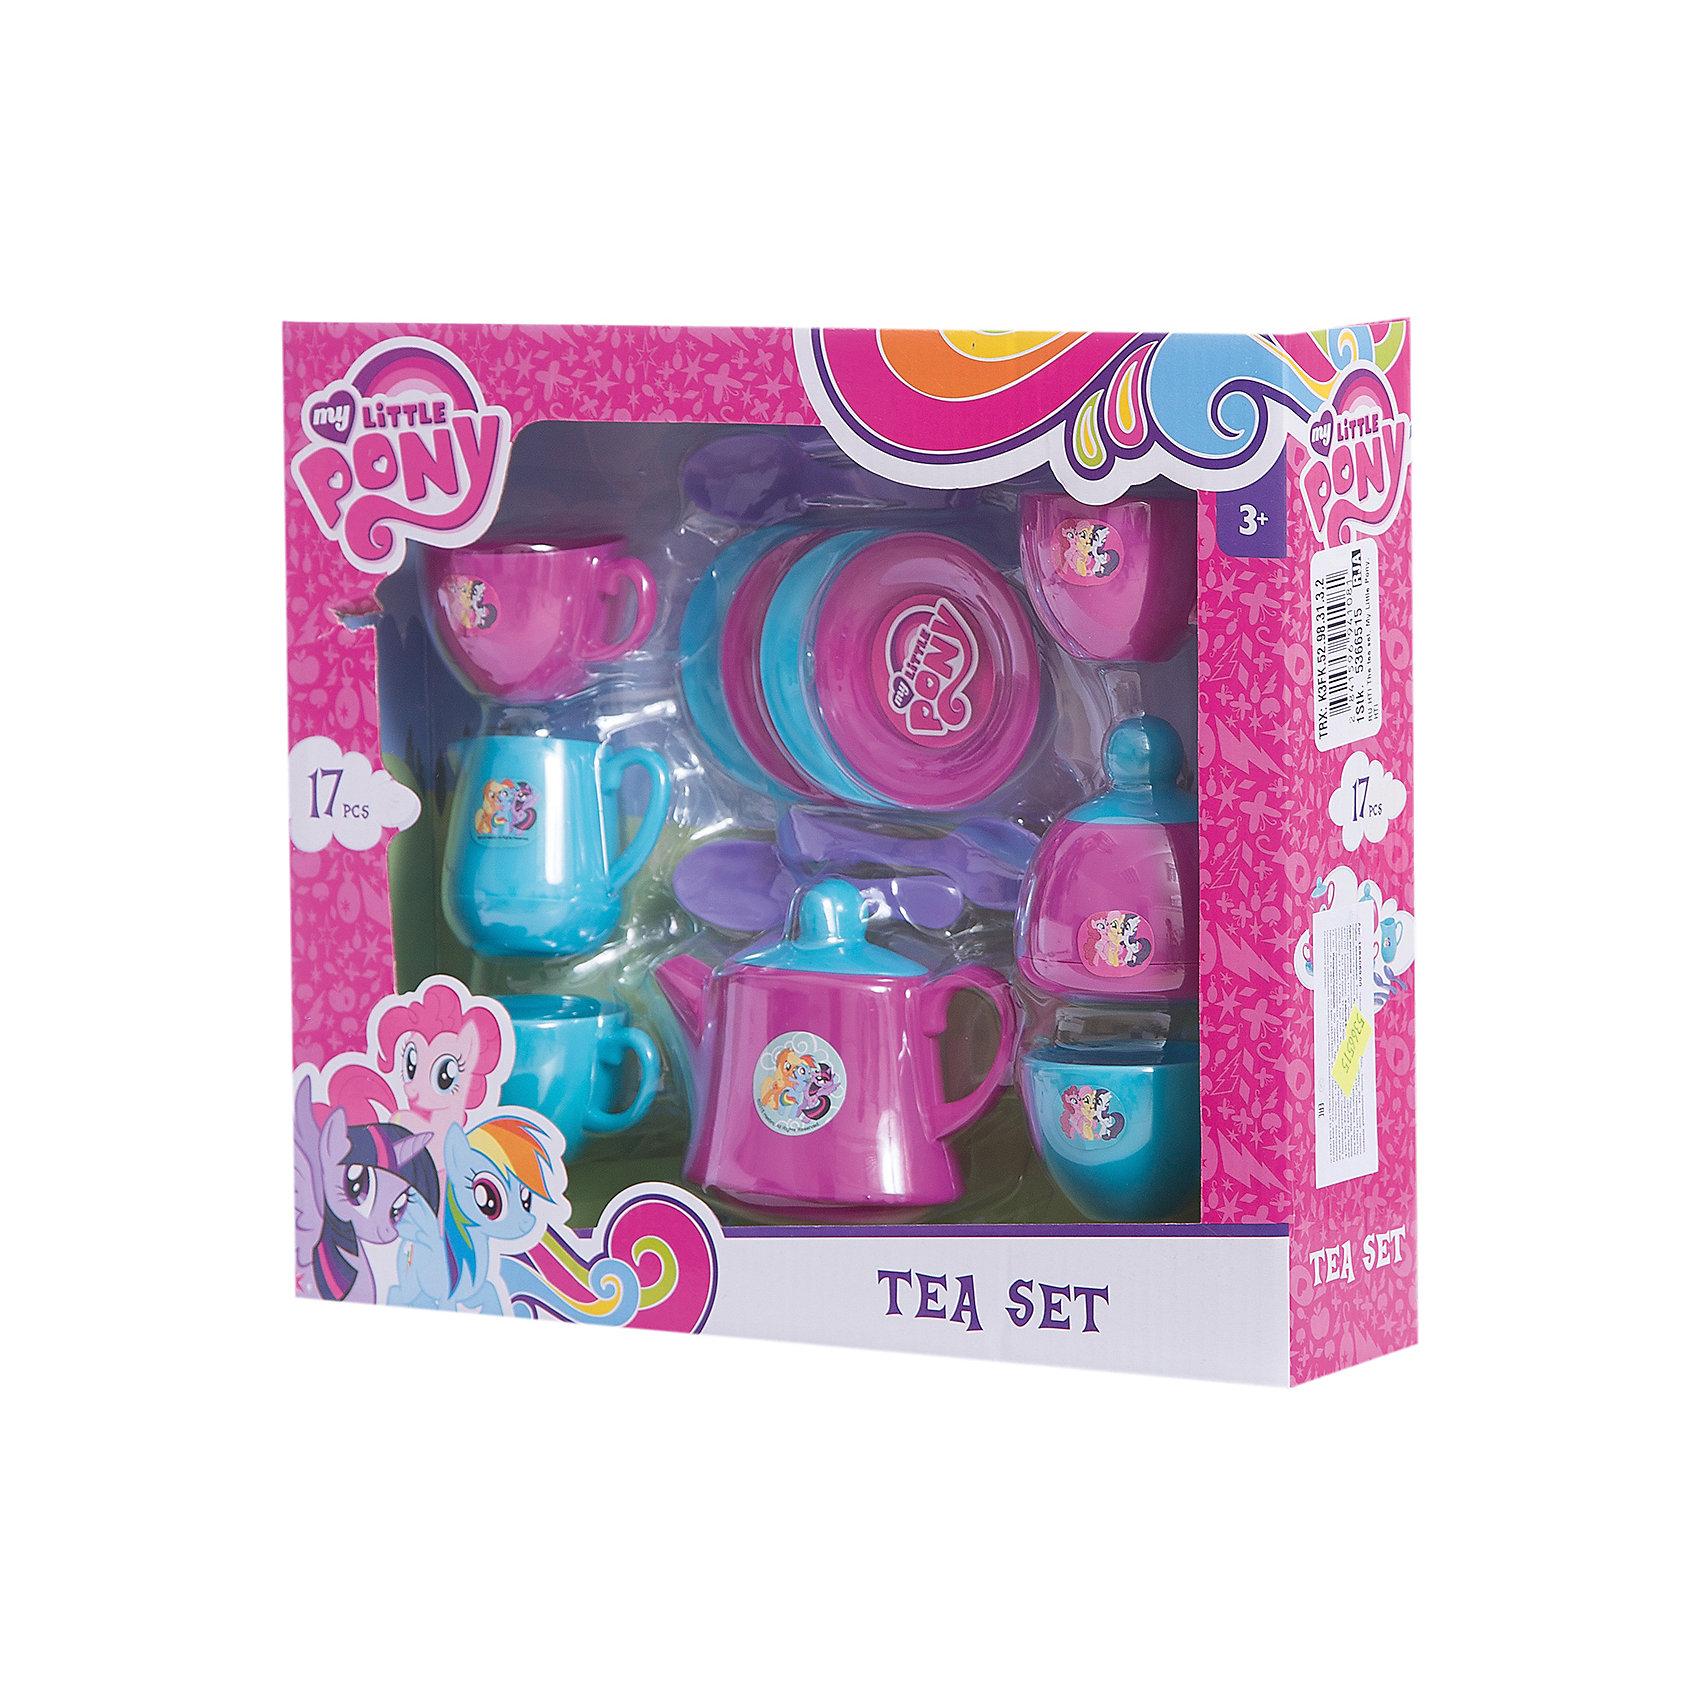 Чайный набор  My Little Pony, HTIПопулярные игрушки<br>Чайный набор My Little Pony (Май литл Пони), HTI. <br><br>Характеристика: <br><br>• Материал: пластик. <br>• Размер: 7х26,5х30,5 см. <br>• Комплектация: 17 предметов - 4 блюдца, 4 ложки, чайник с крышкой, 4 чашки, молочник, сахарница.<br>• Яркий привлекательный дизайн. <br>• Чайник оформлен изображениями My Little Pony. <br><br>Красивая посудка - то что нужно любой маленькой хозяйке! Оригинальный чайный сервиз, оформленный изображениями My Little Pony (Моя маленькая Пони) понравится любой девочке. Все детали набора выполнены из высококачественного гипоаллергенного пластика безопасного для детей. <br><br>Чайный набор My Little Pony (Май литл Пони), HTI, можно купить в нашем интернет-магазине.<br><br>Ширина мм: 265<br>Глубина мм: 307<br>Высота мм: 70<br>Вес г: 370<br>Возраст от месяцев: 36<br>Возраст до месяцев: 168<br>Пол: Женский<br>Возраст: Детский<br>SKU: 5366515